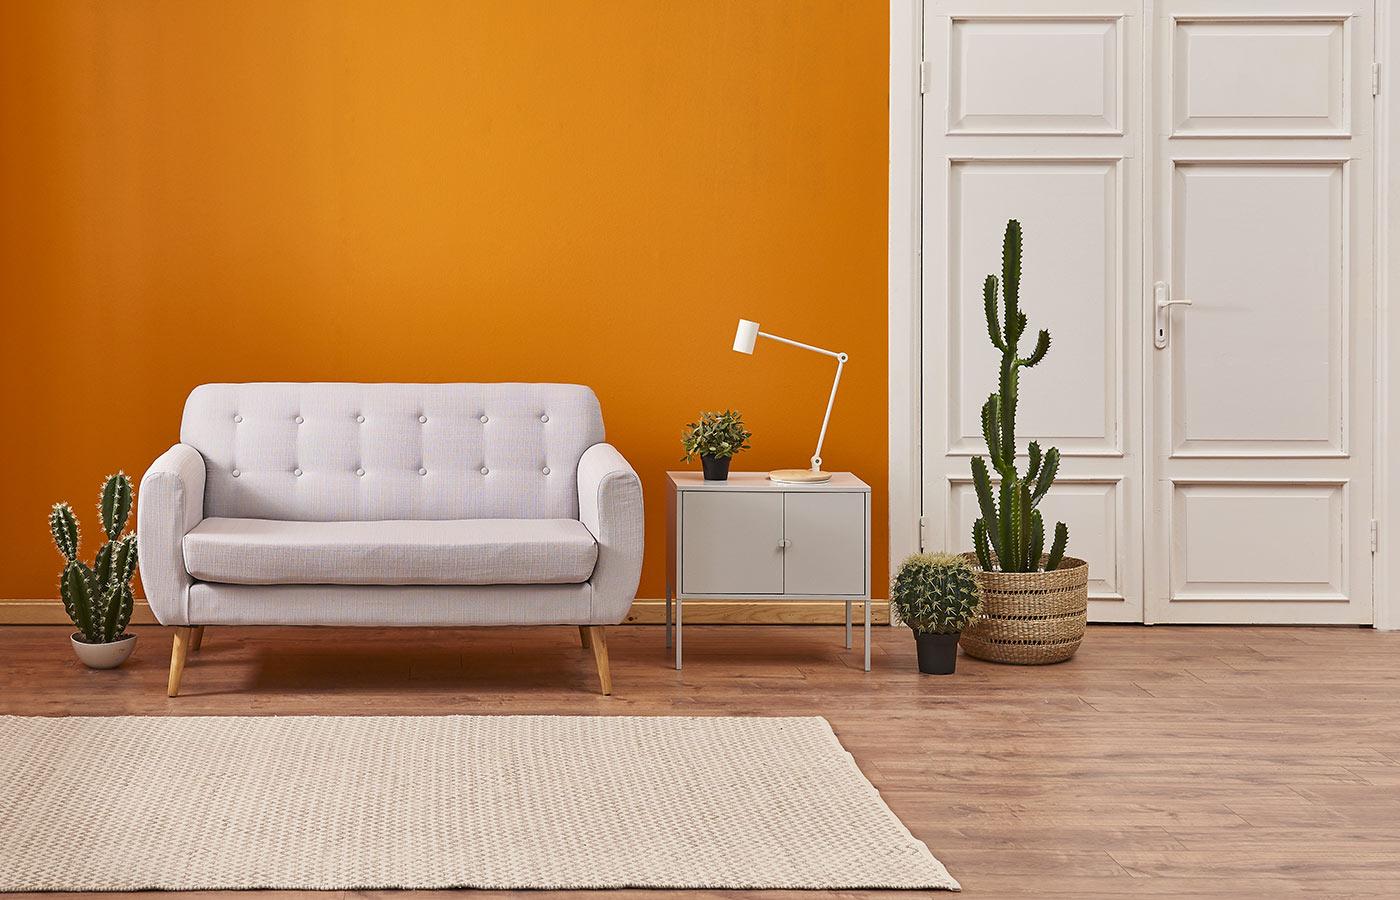 Quale tonalità scegliere per le pareti di casa?